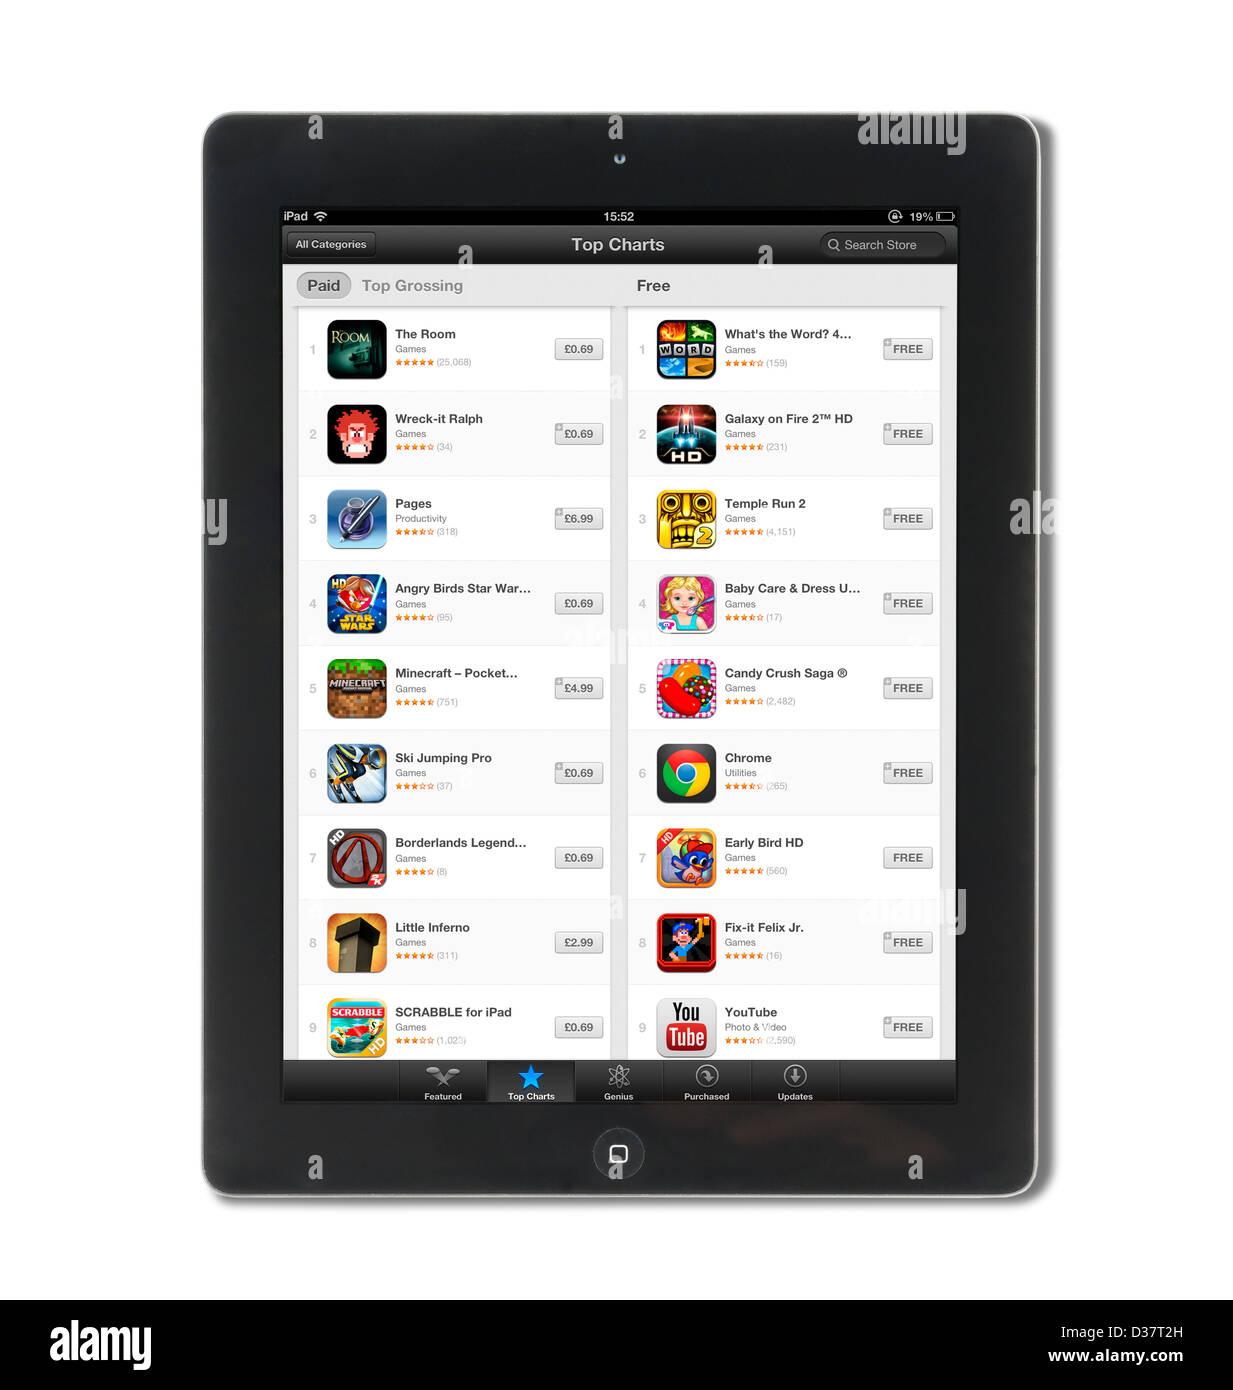 Gráfico de las aplicaciones más populares en el App Store de Apple vistos en una 4ª generación Imagen De Stock